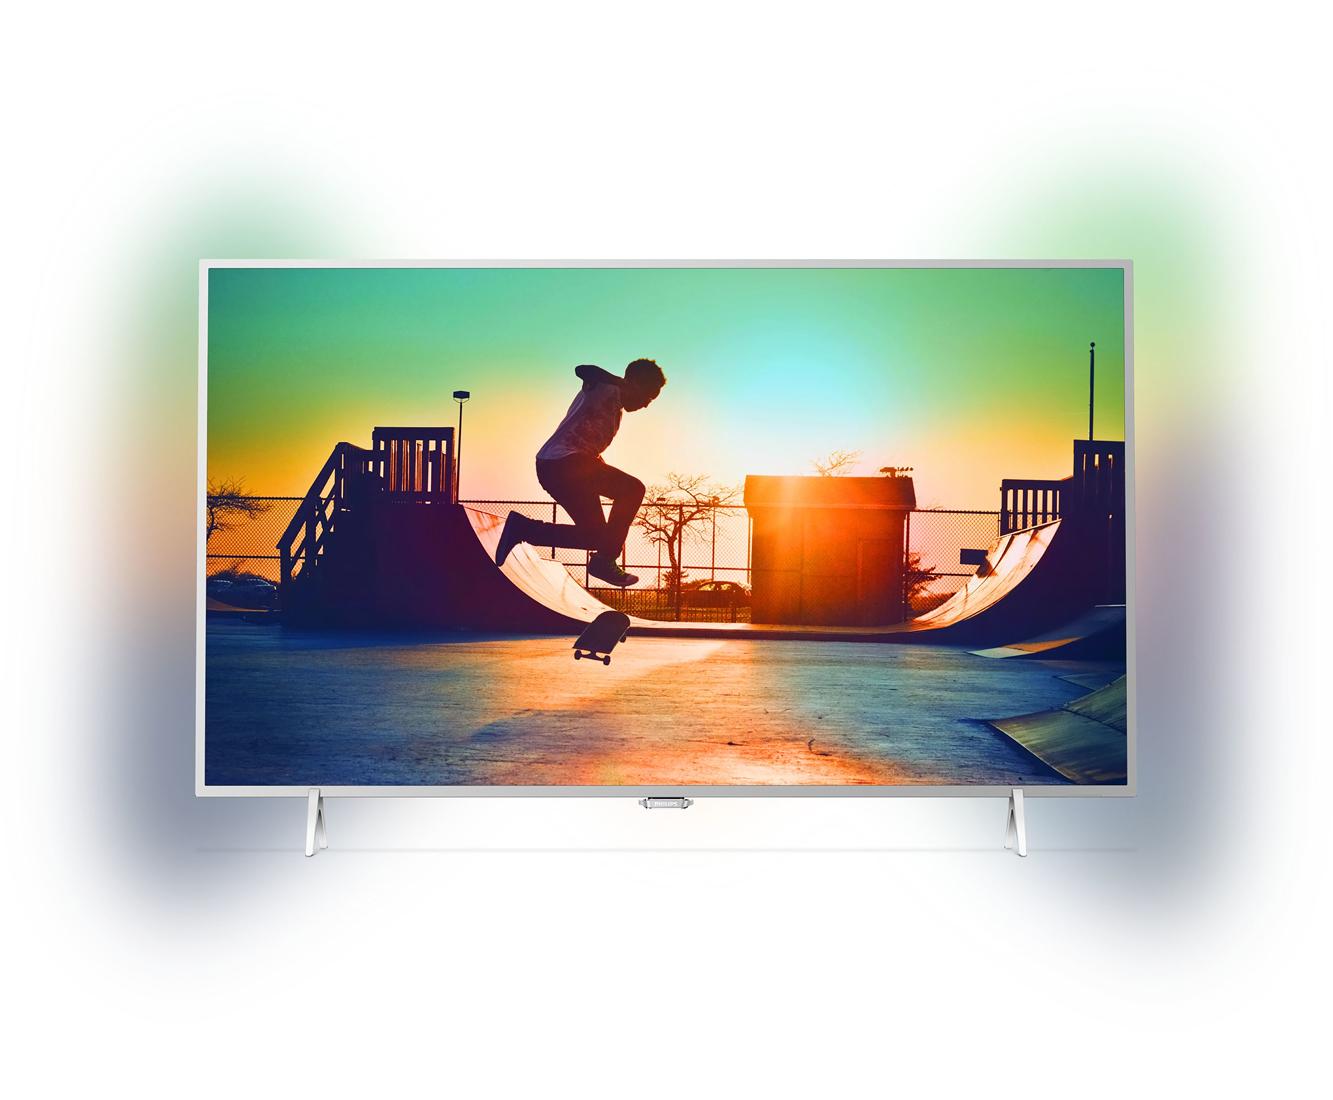 Philips 49PUS6432 49-inch 4K-tv voor €499 @ AO.nl